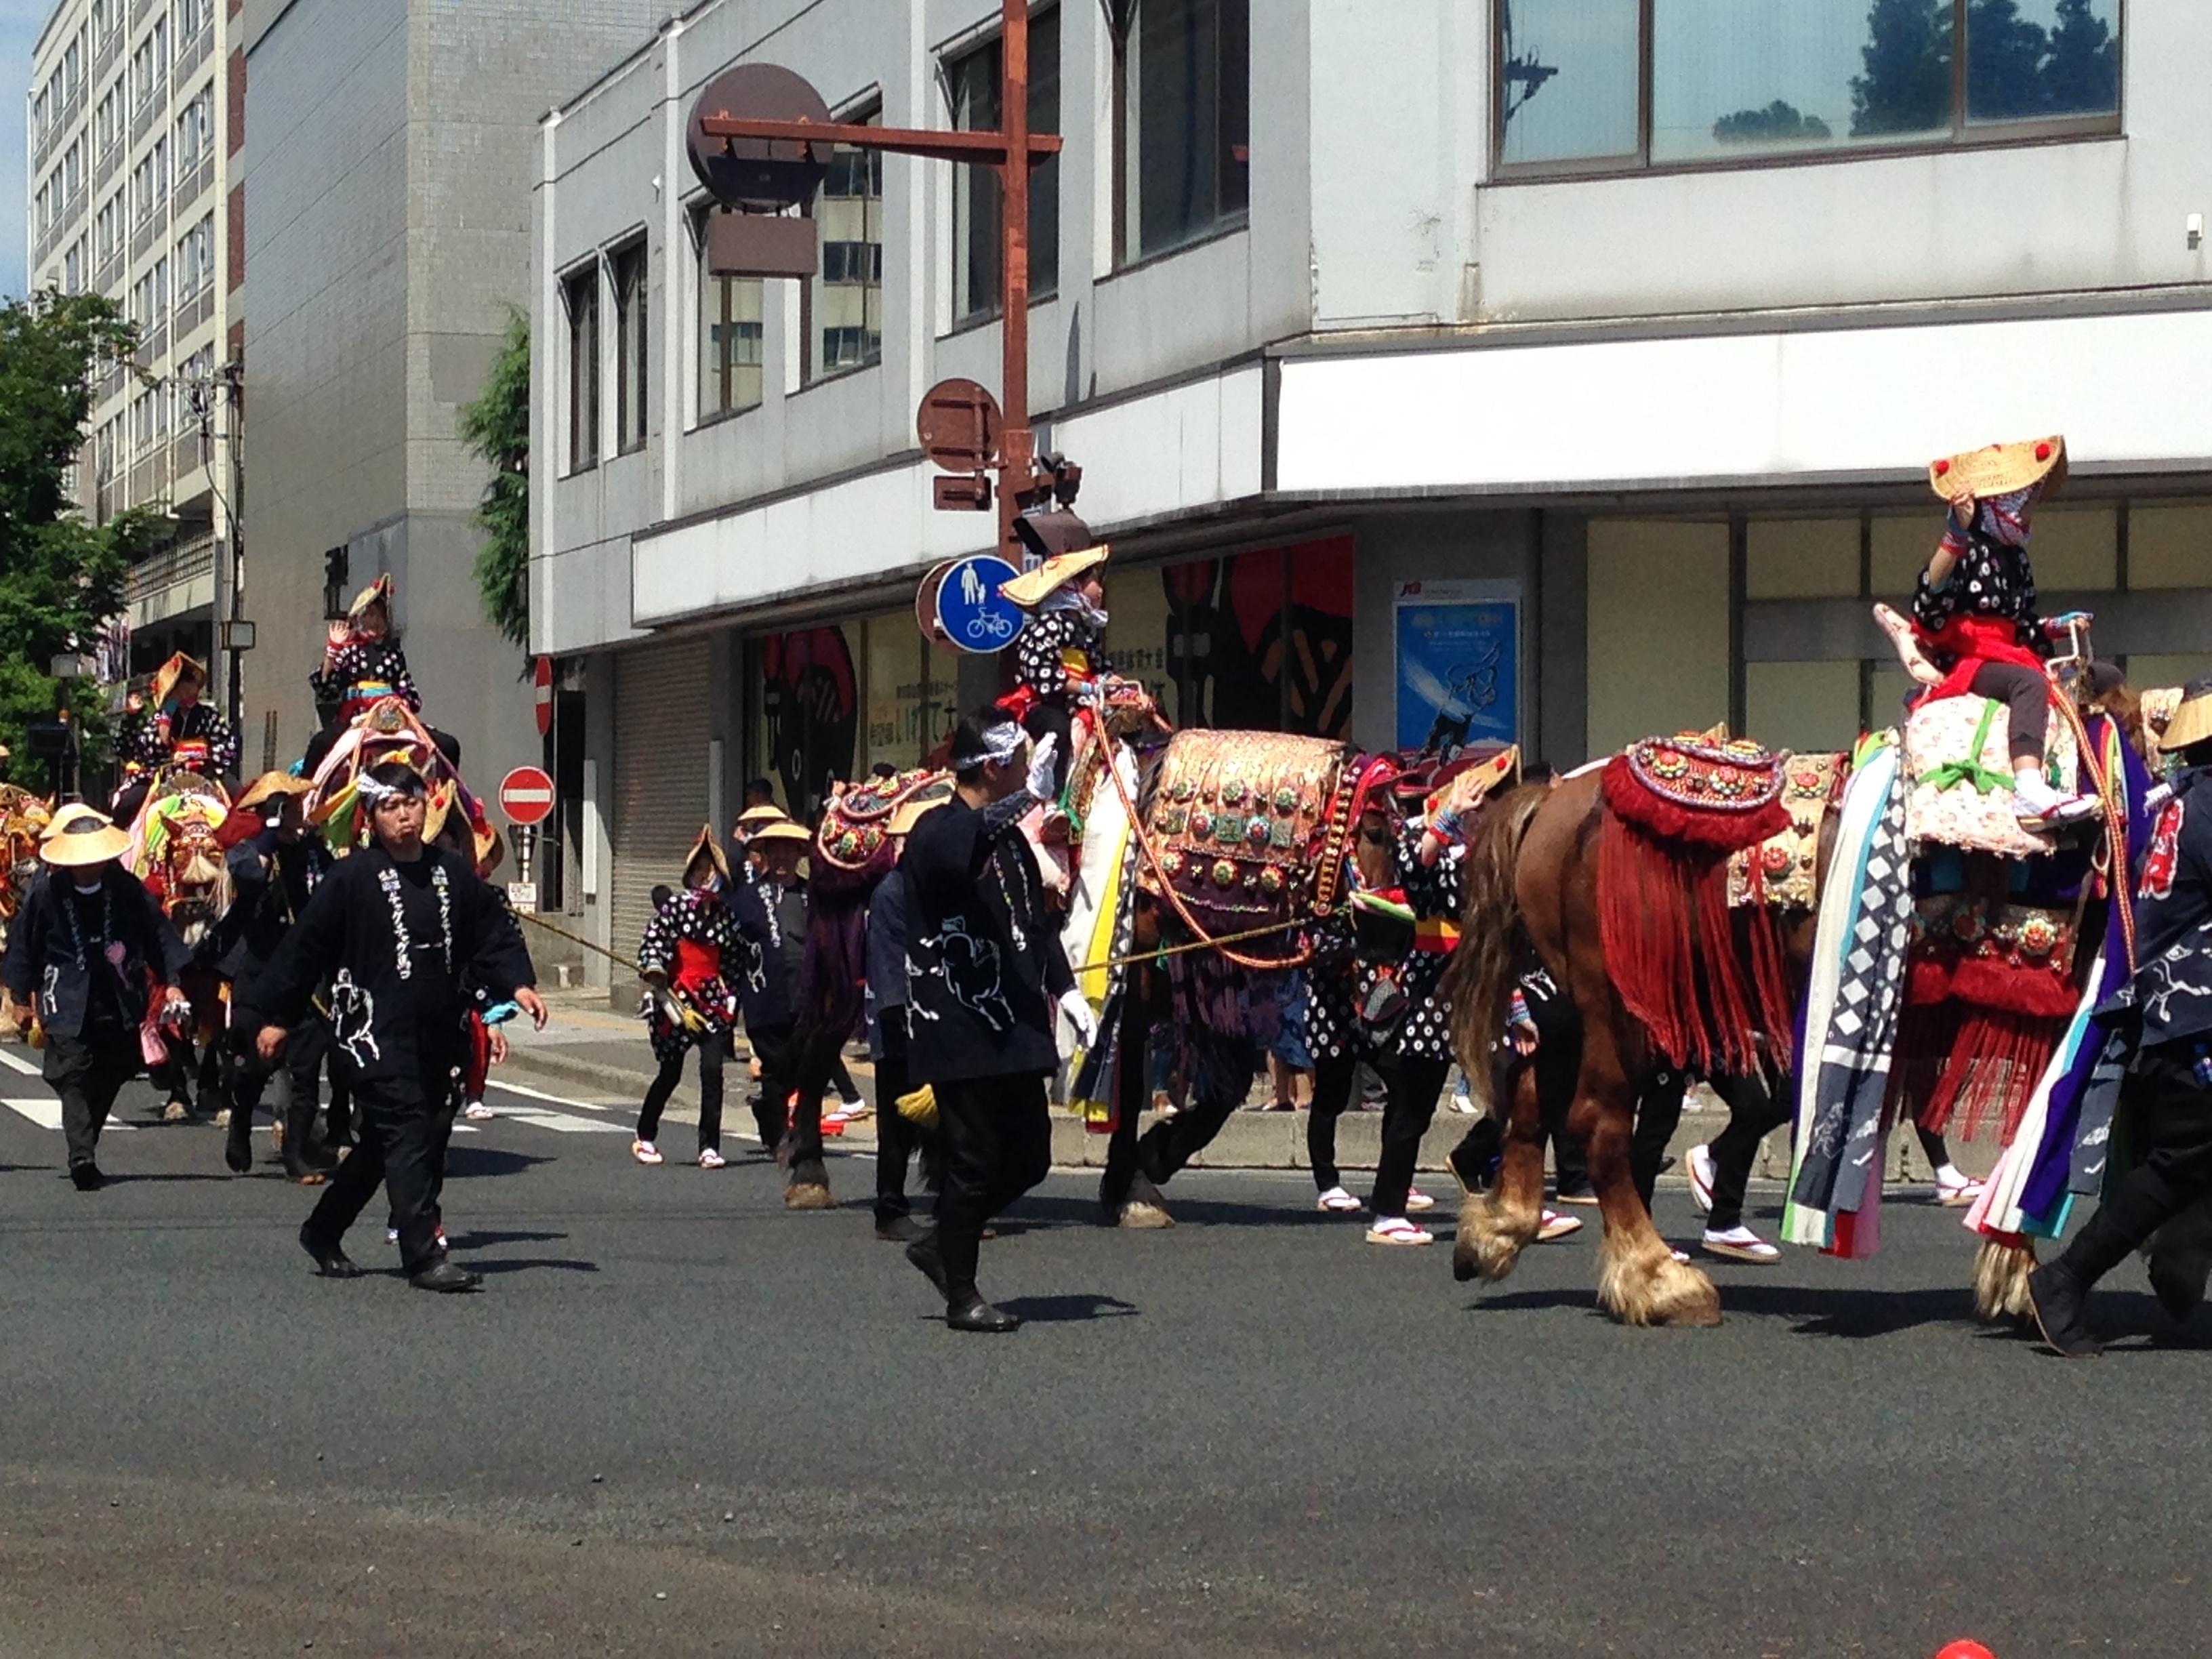 パレードも終盤となり、疲れて馬上で居眠りする子も見受けられる。